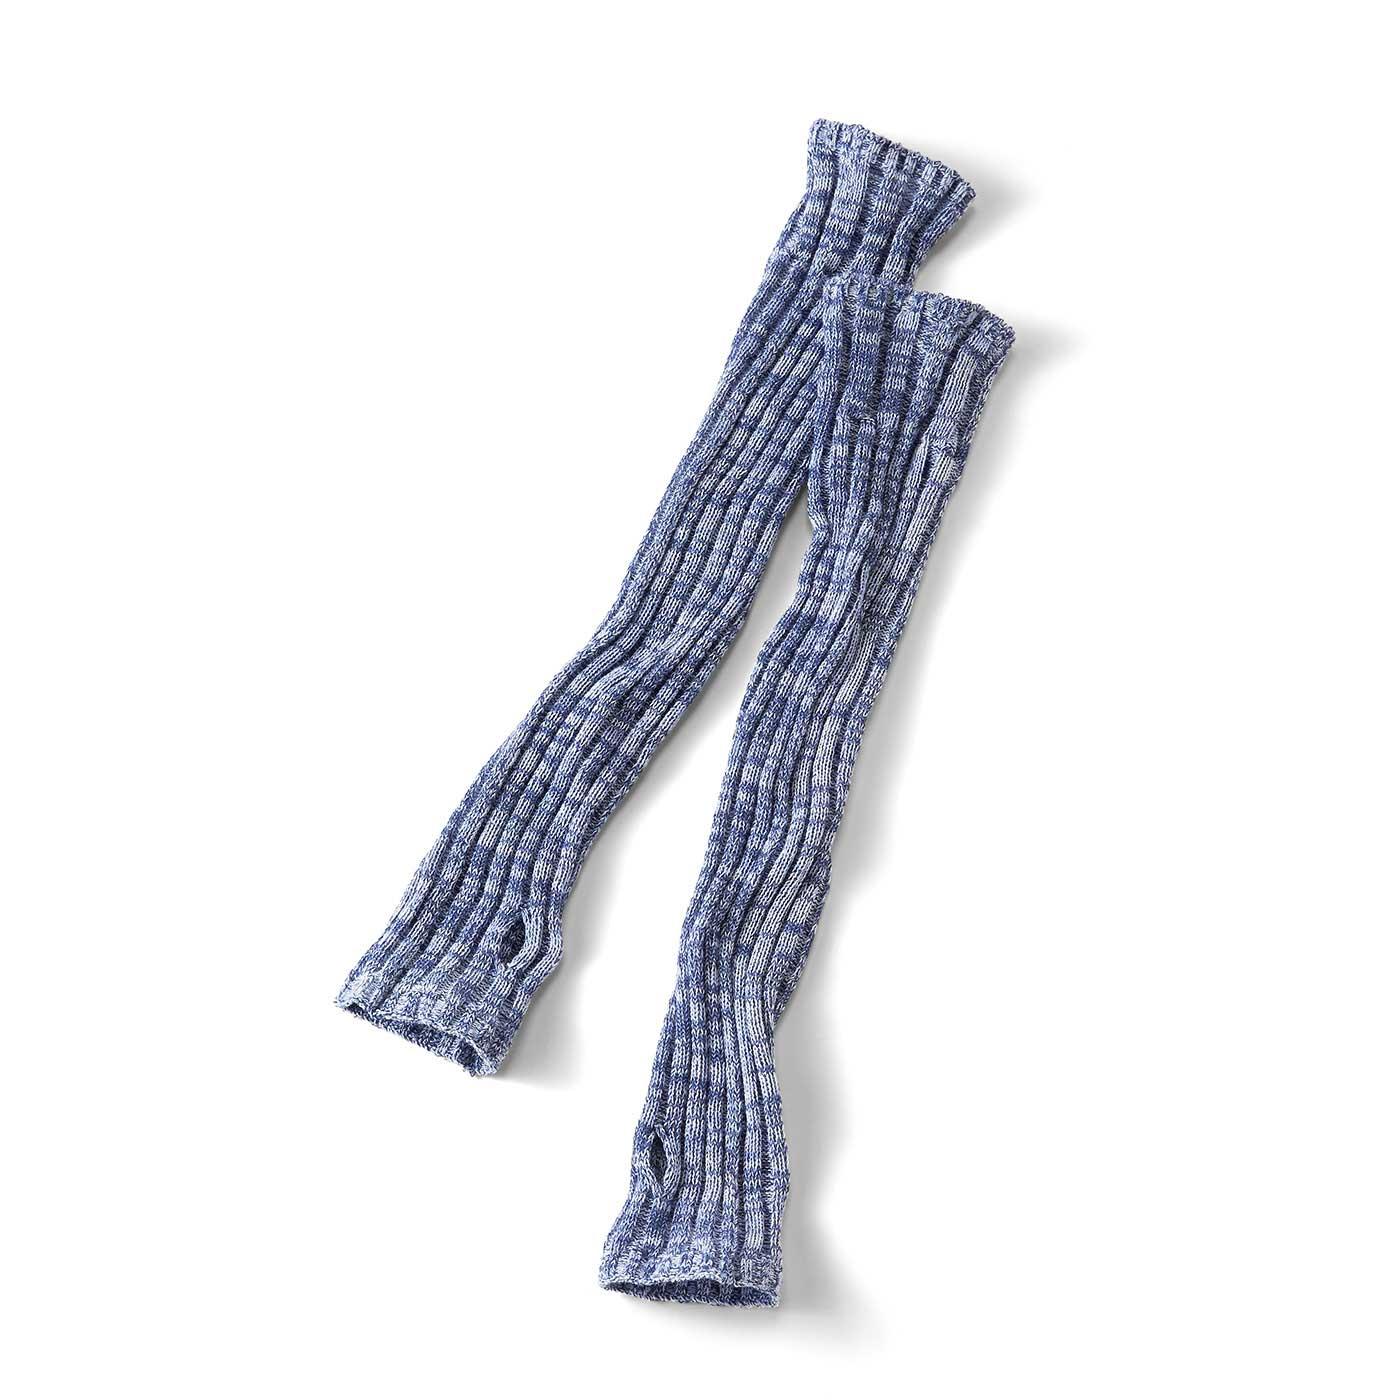 3色の糸を編み立てたミックスカラー。左右でほんのり違う表情もニュアンスたっぷり。